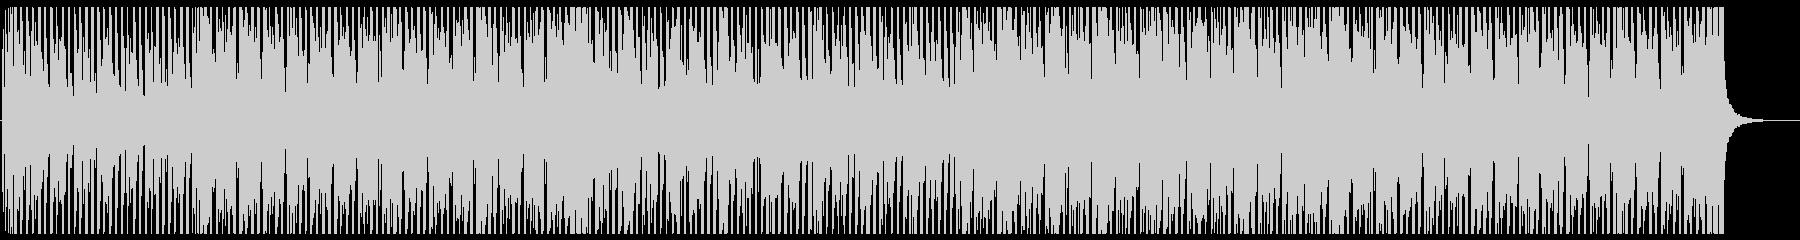 軽快なリズムのファンク・ハウスの未再生の波形